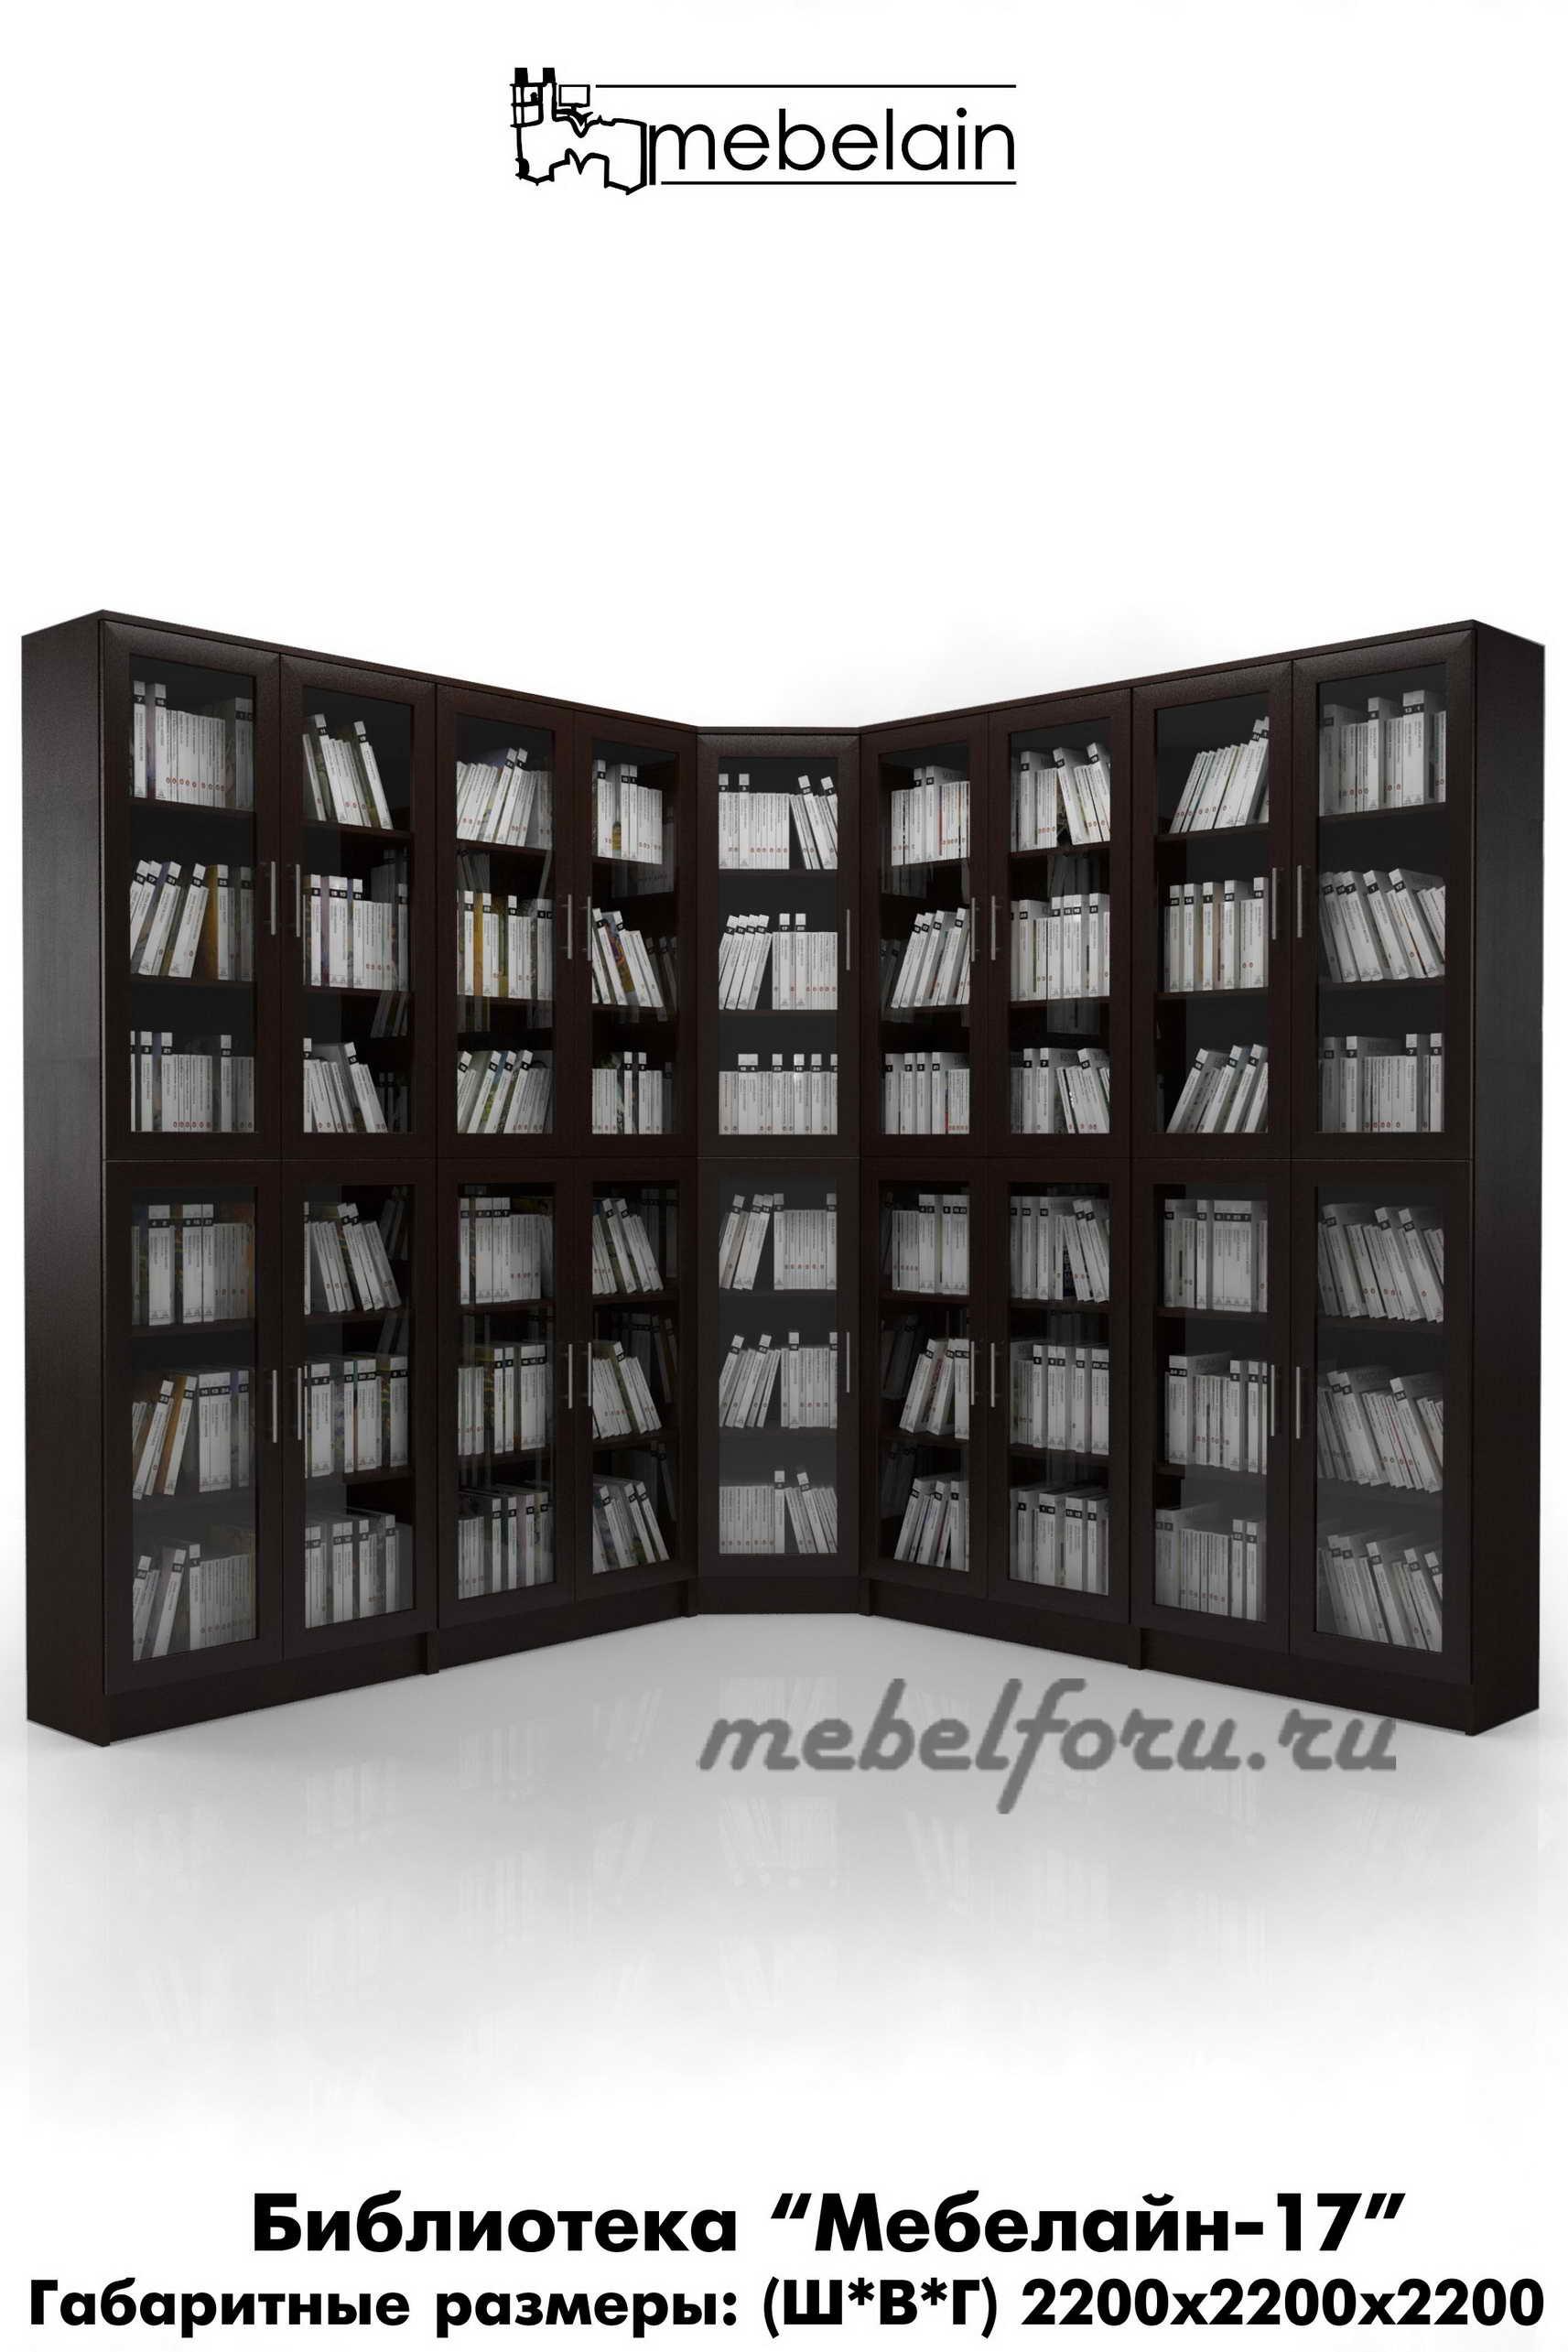 Мебелайн-17 библиотека - мебель верона.